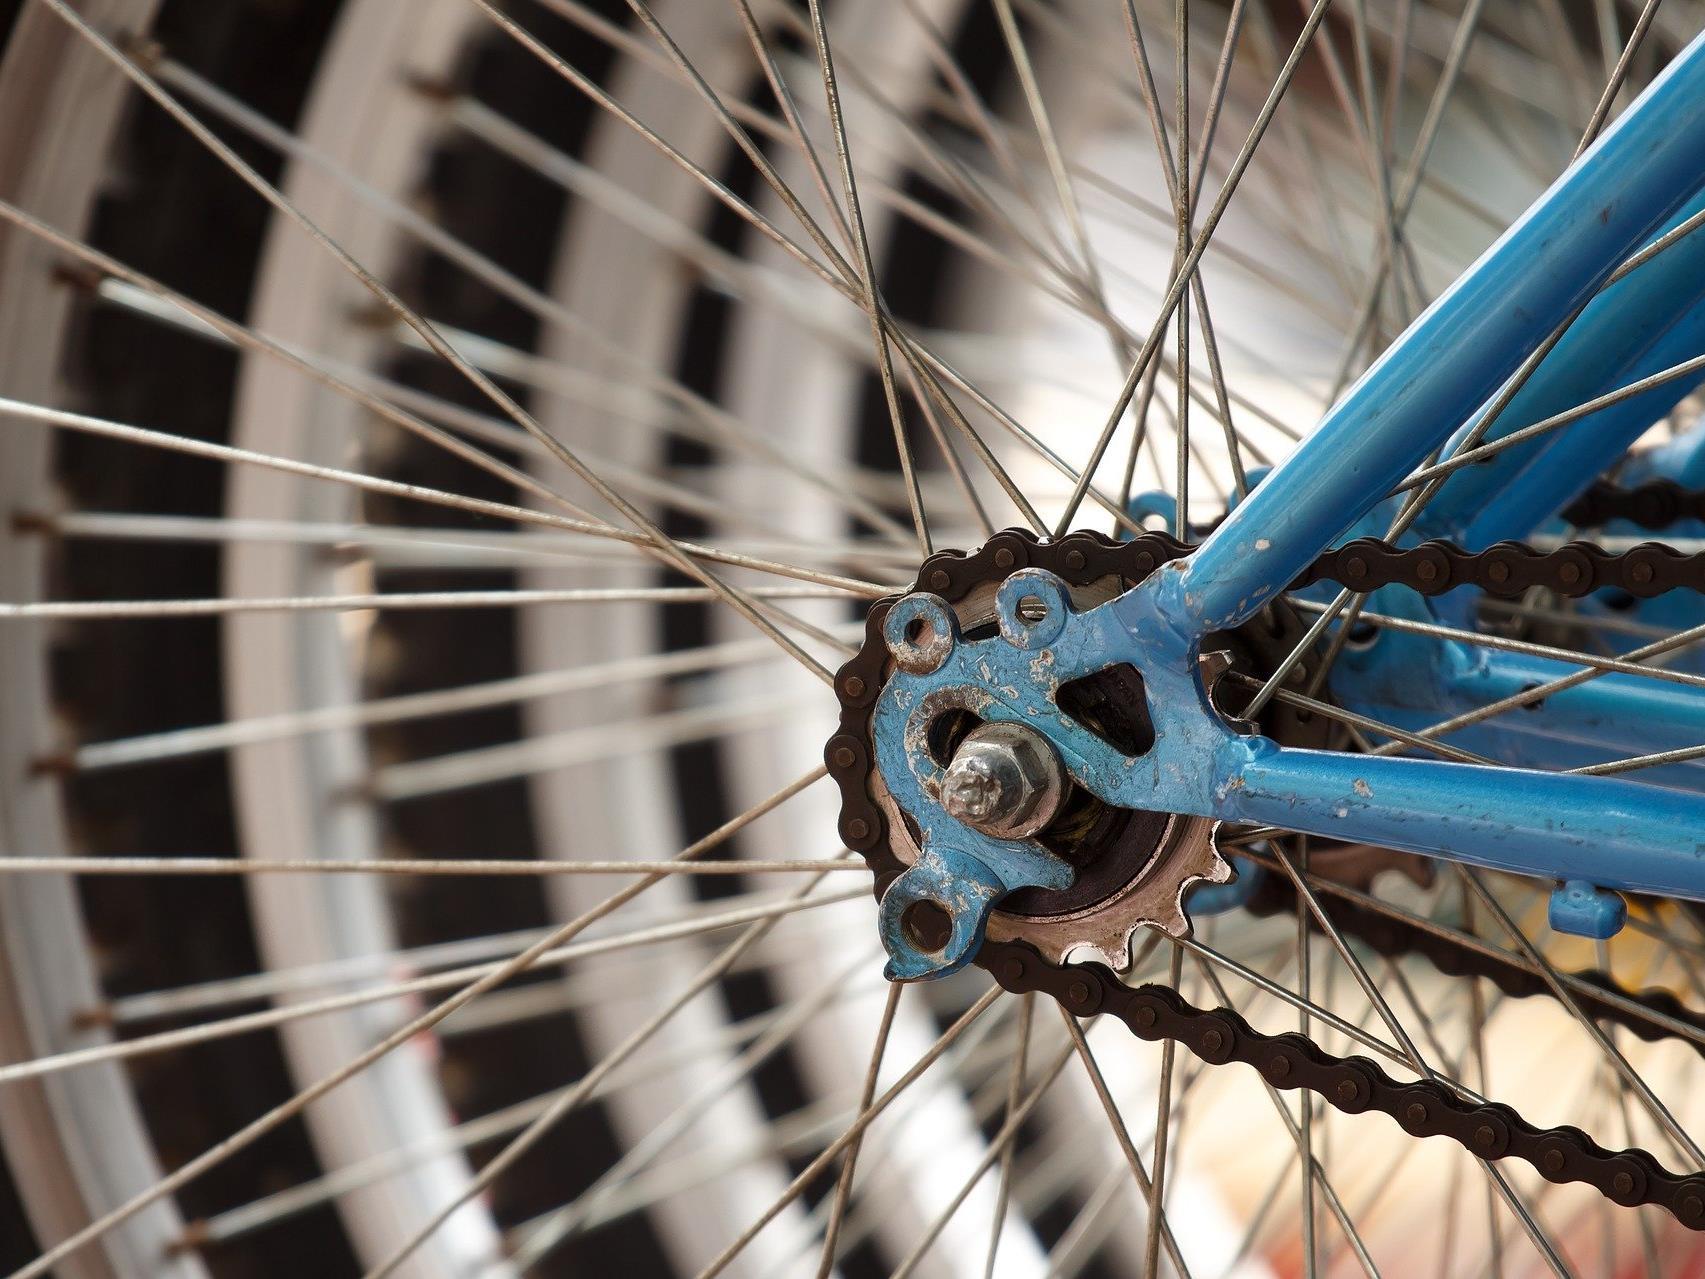 Zahlreiche Fahrräder sind ungenügend gesichtert